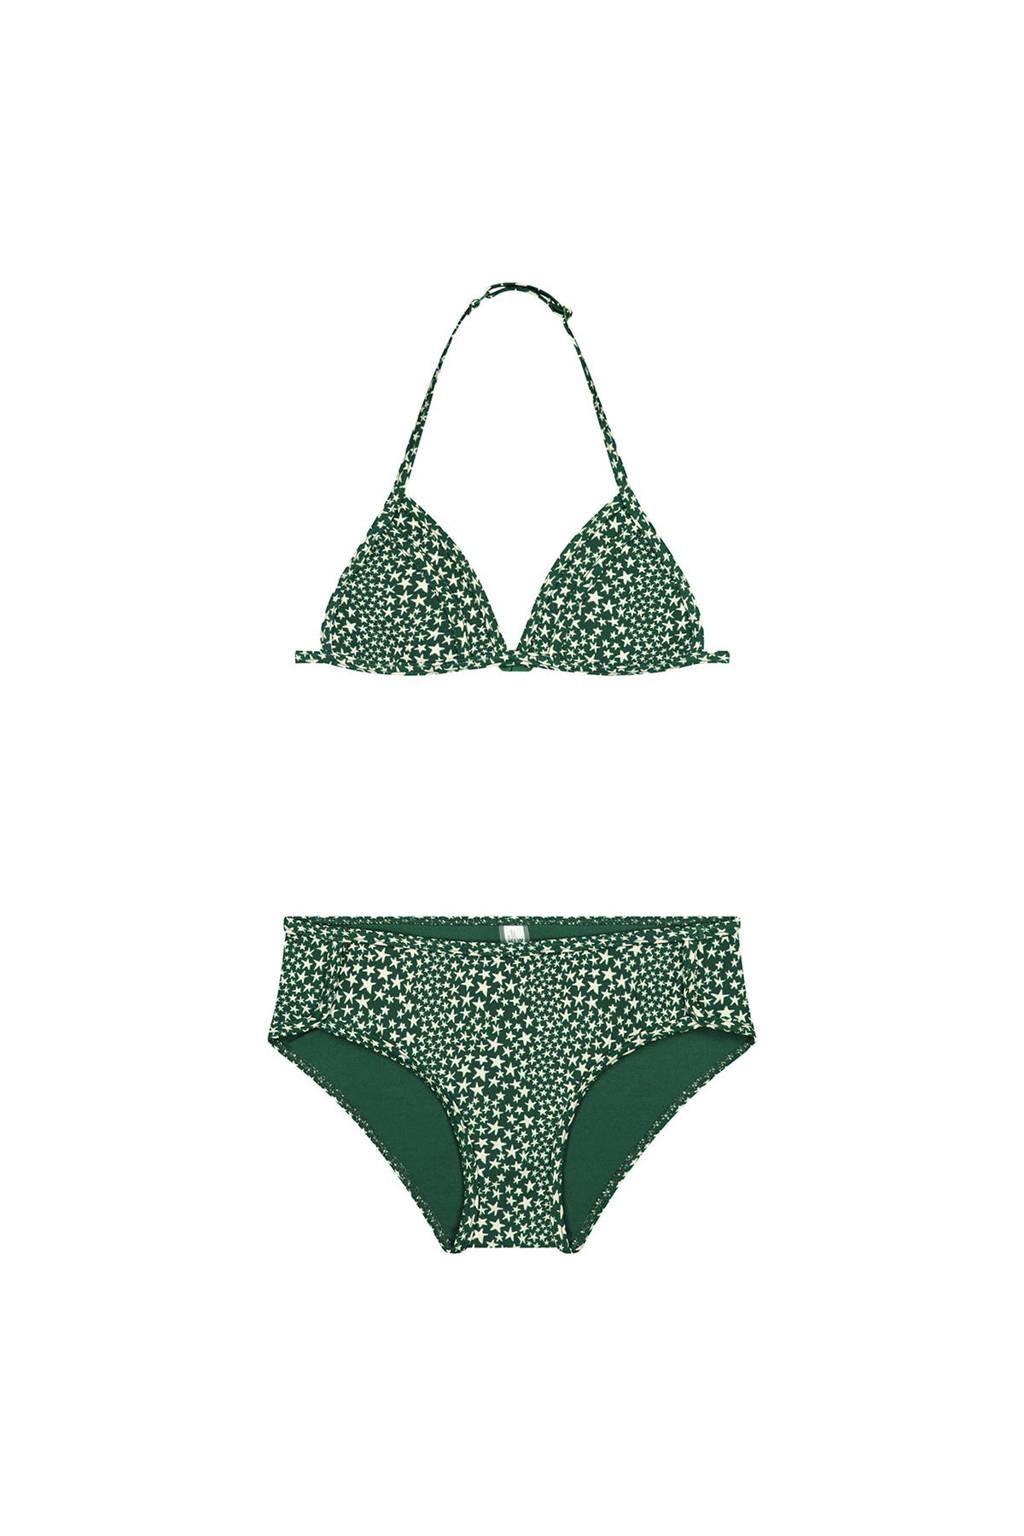 Shiwi triangel bikini Tuvalu met sterren groen//wit, Groen/wit